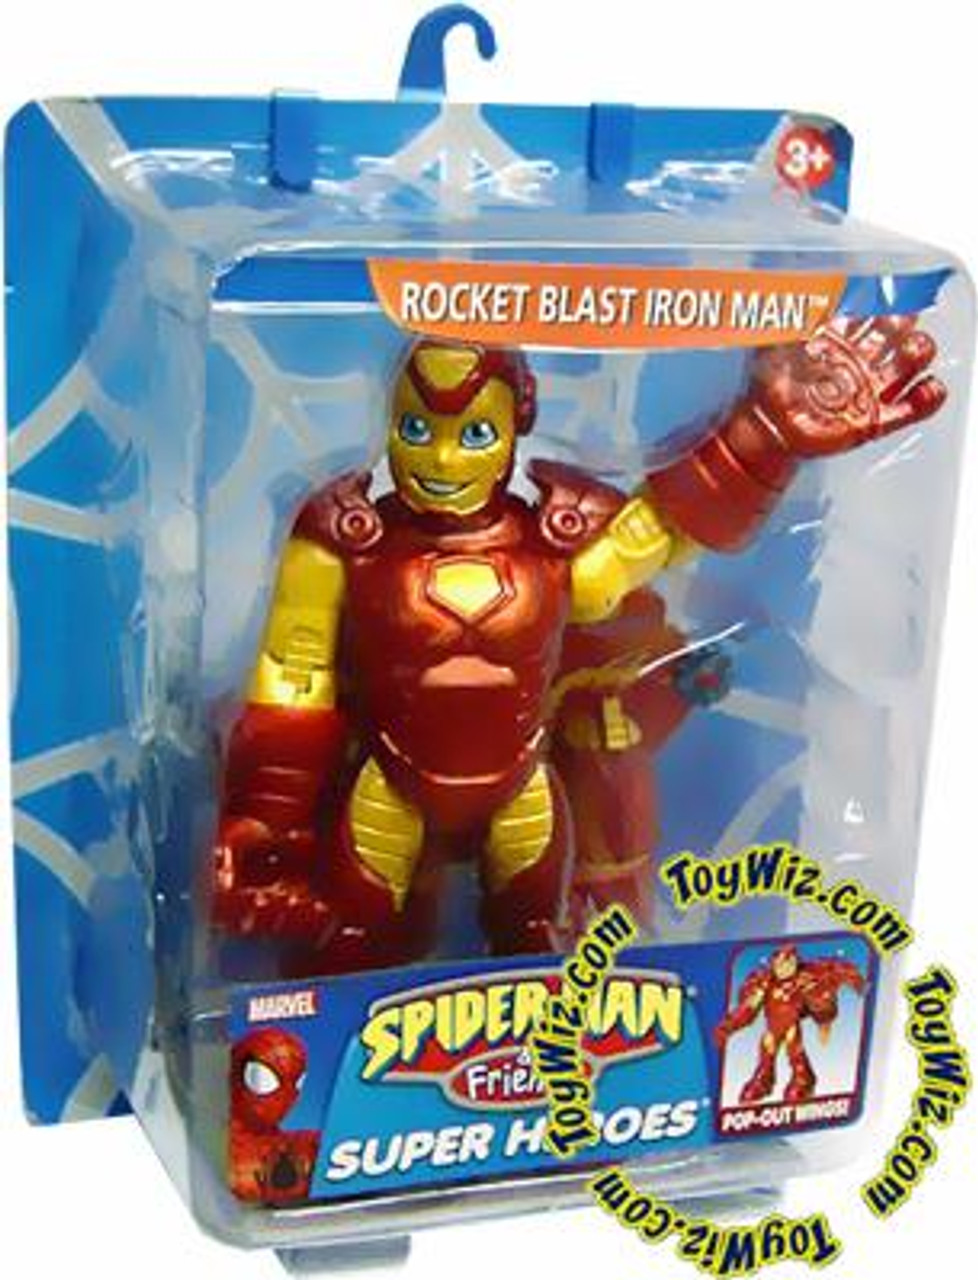 Spider-Man & Friends Super Heroes Rocket Blast Iron Man Action Figure